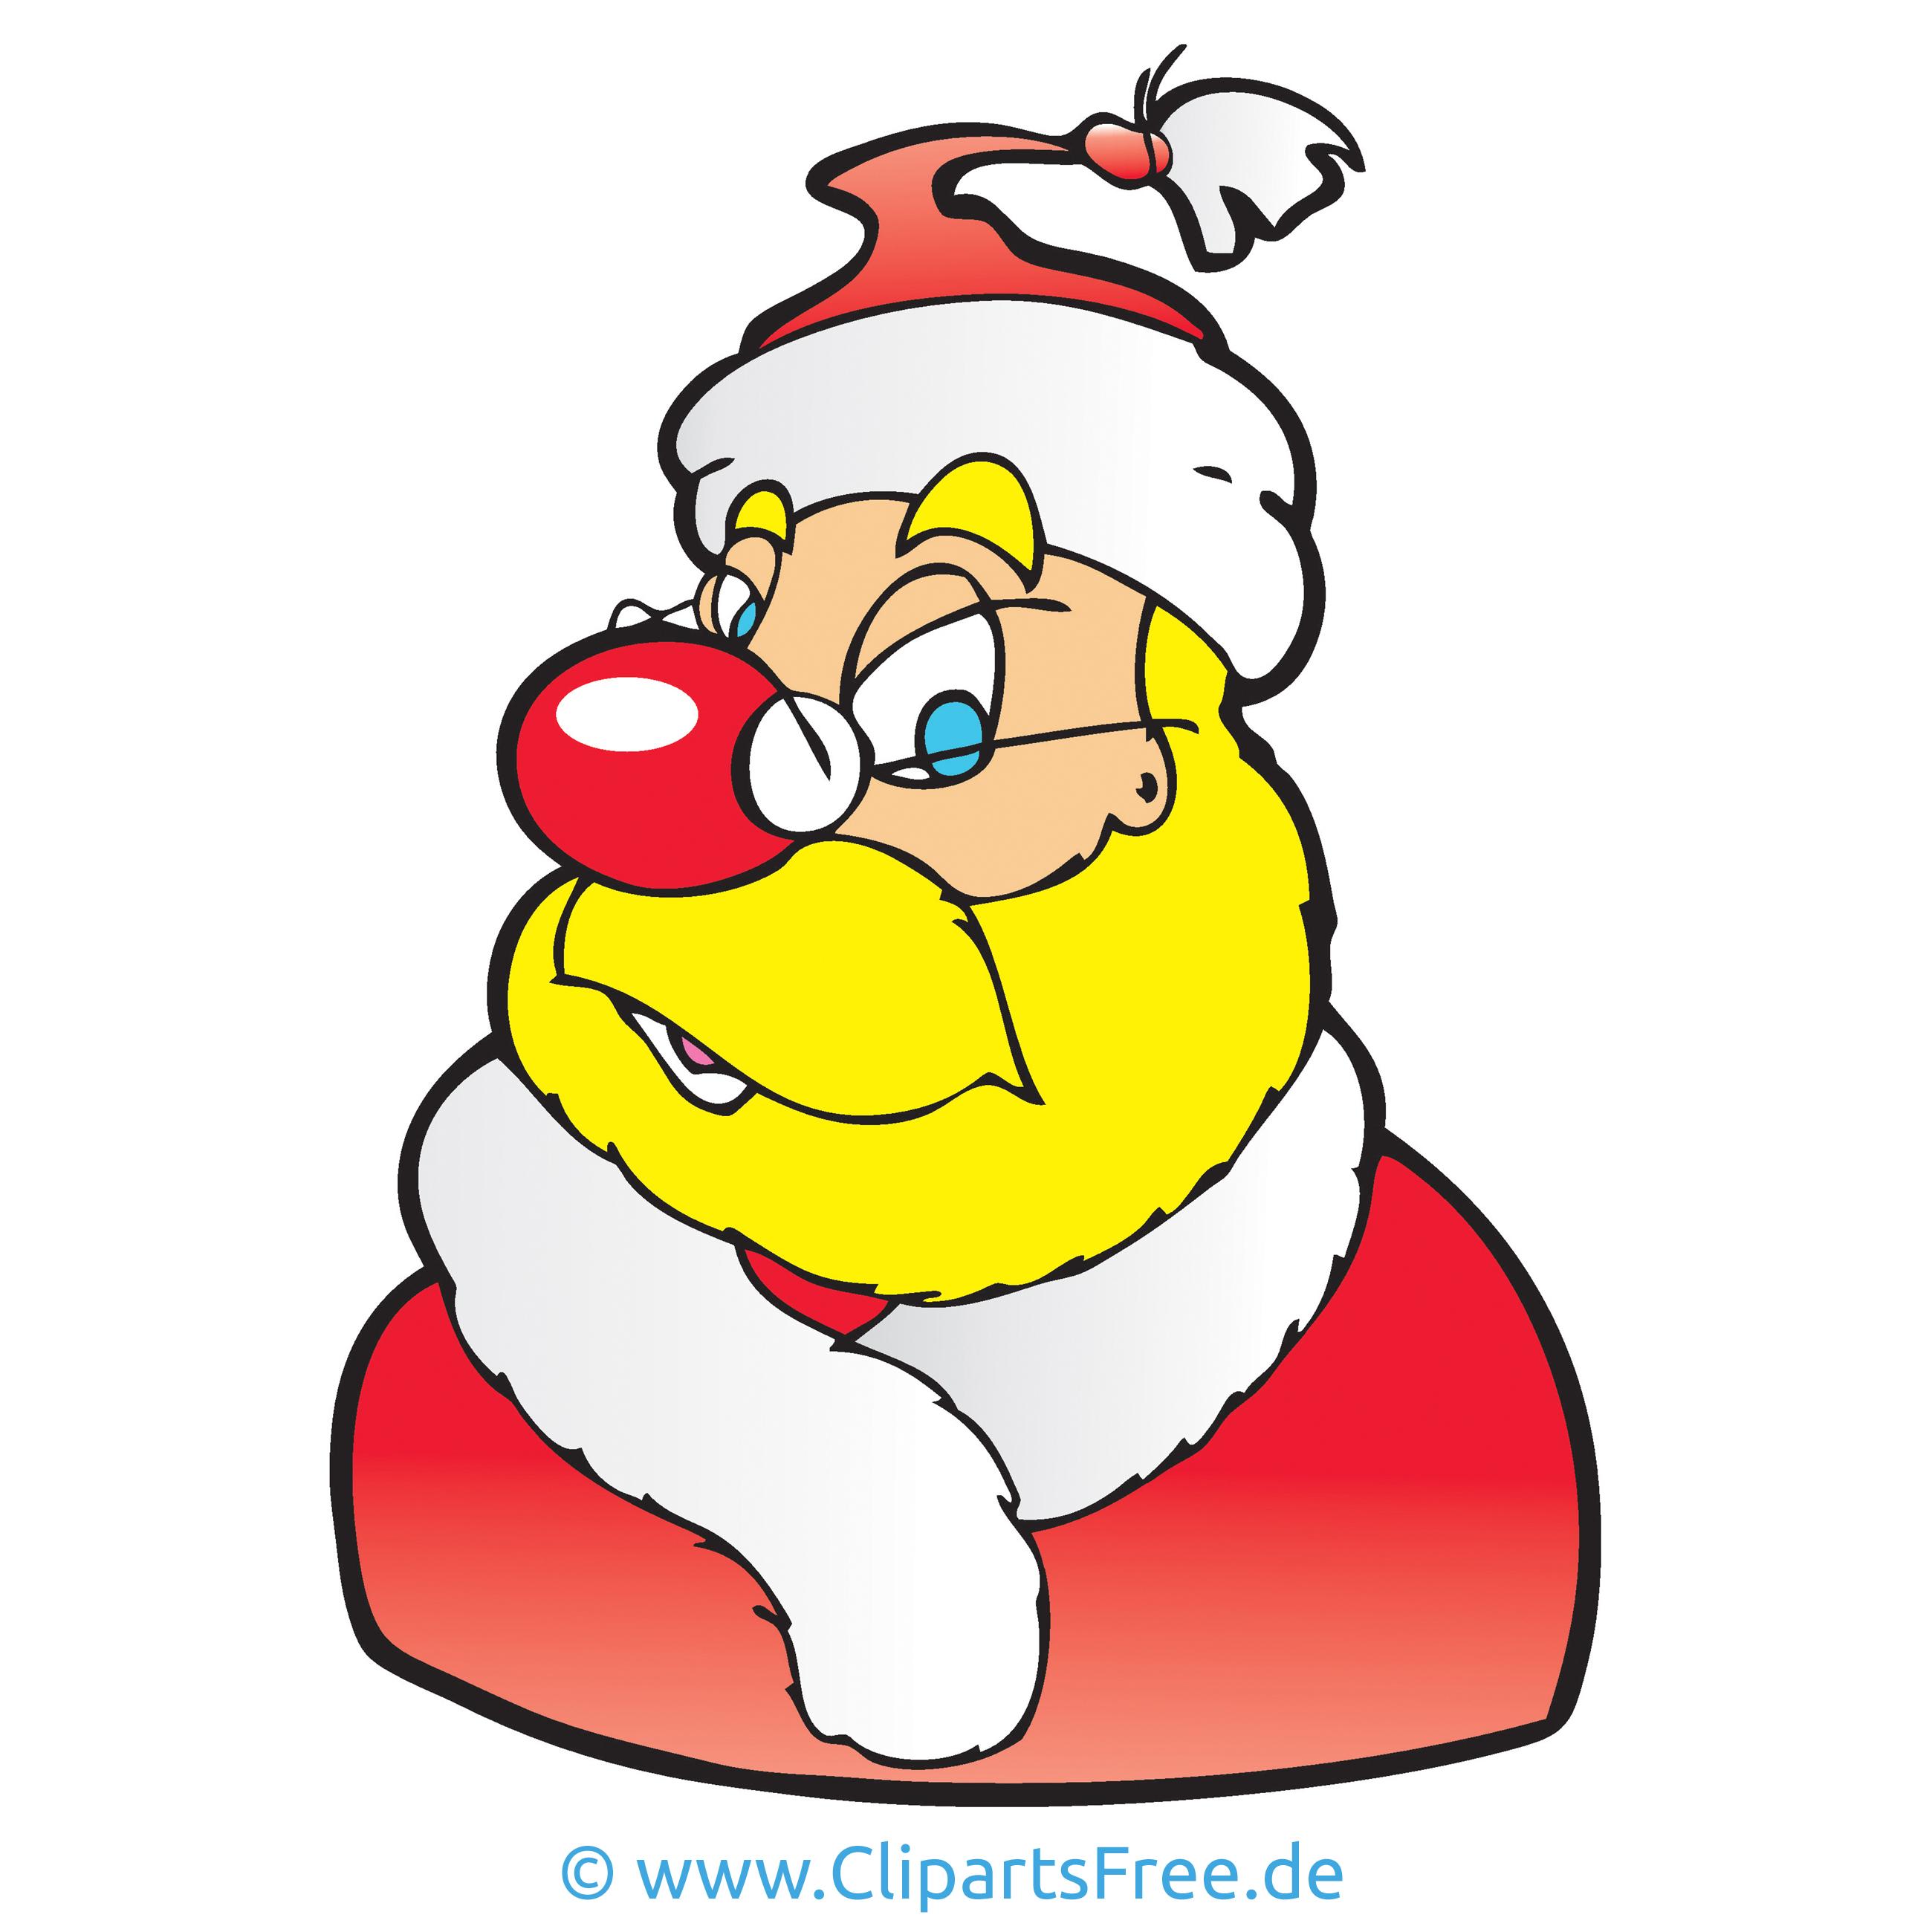 Santa Clipart, Bild, Cartoon, Grafik